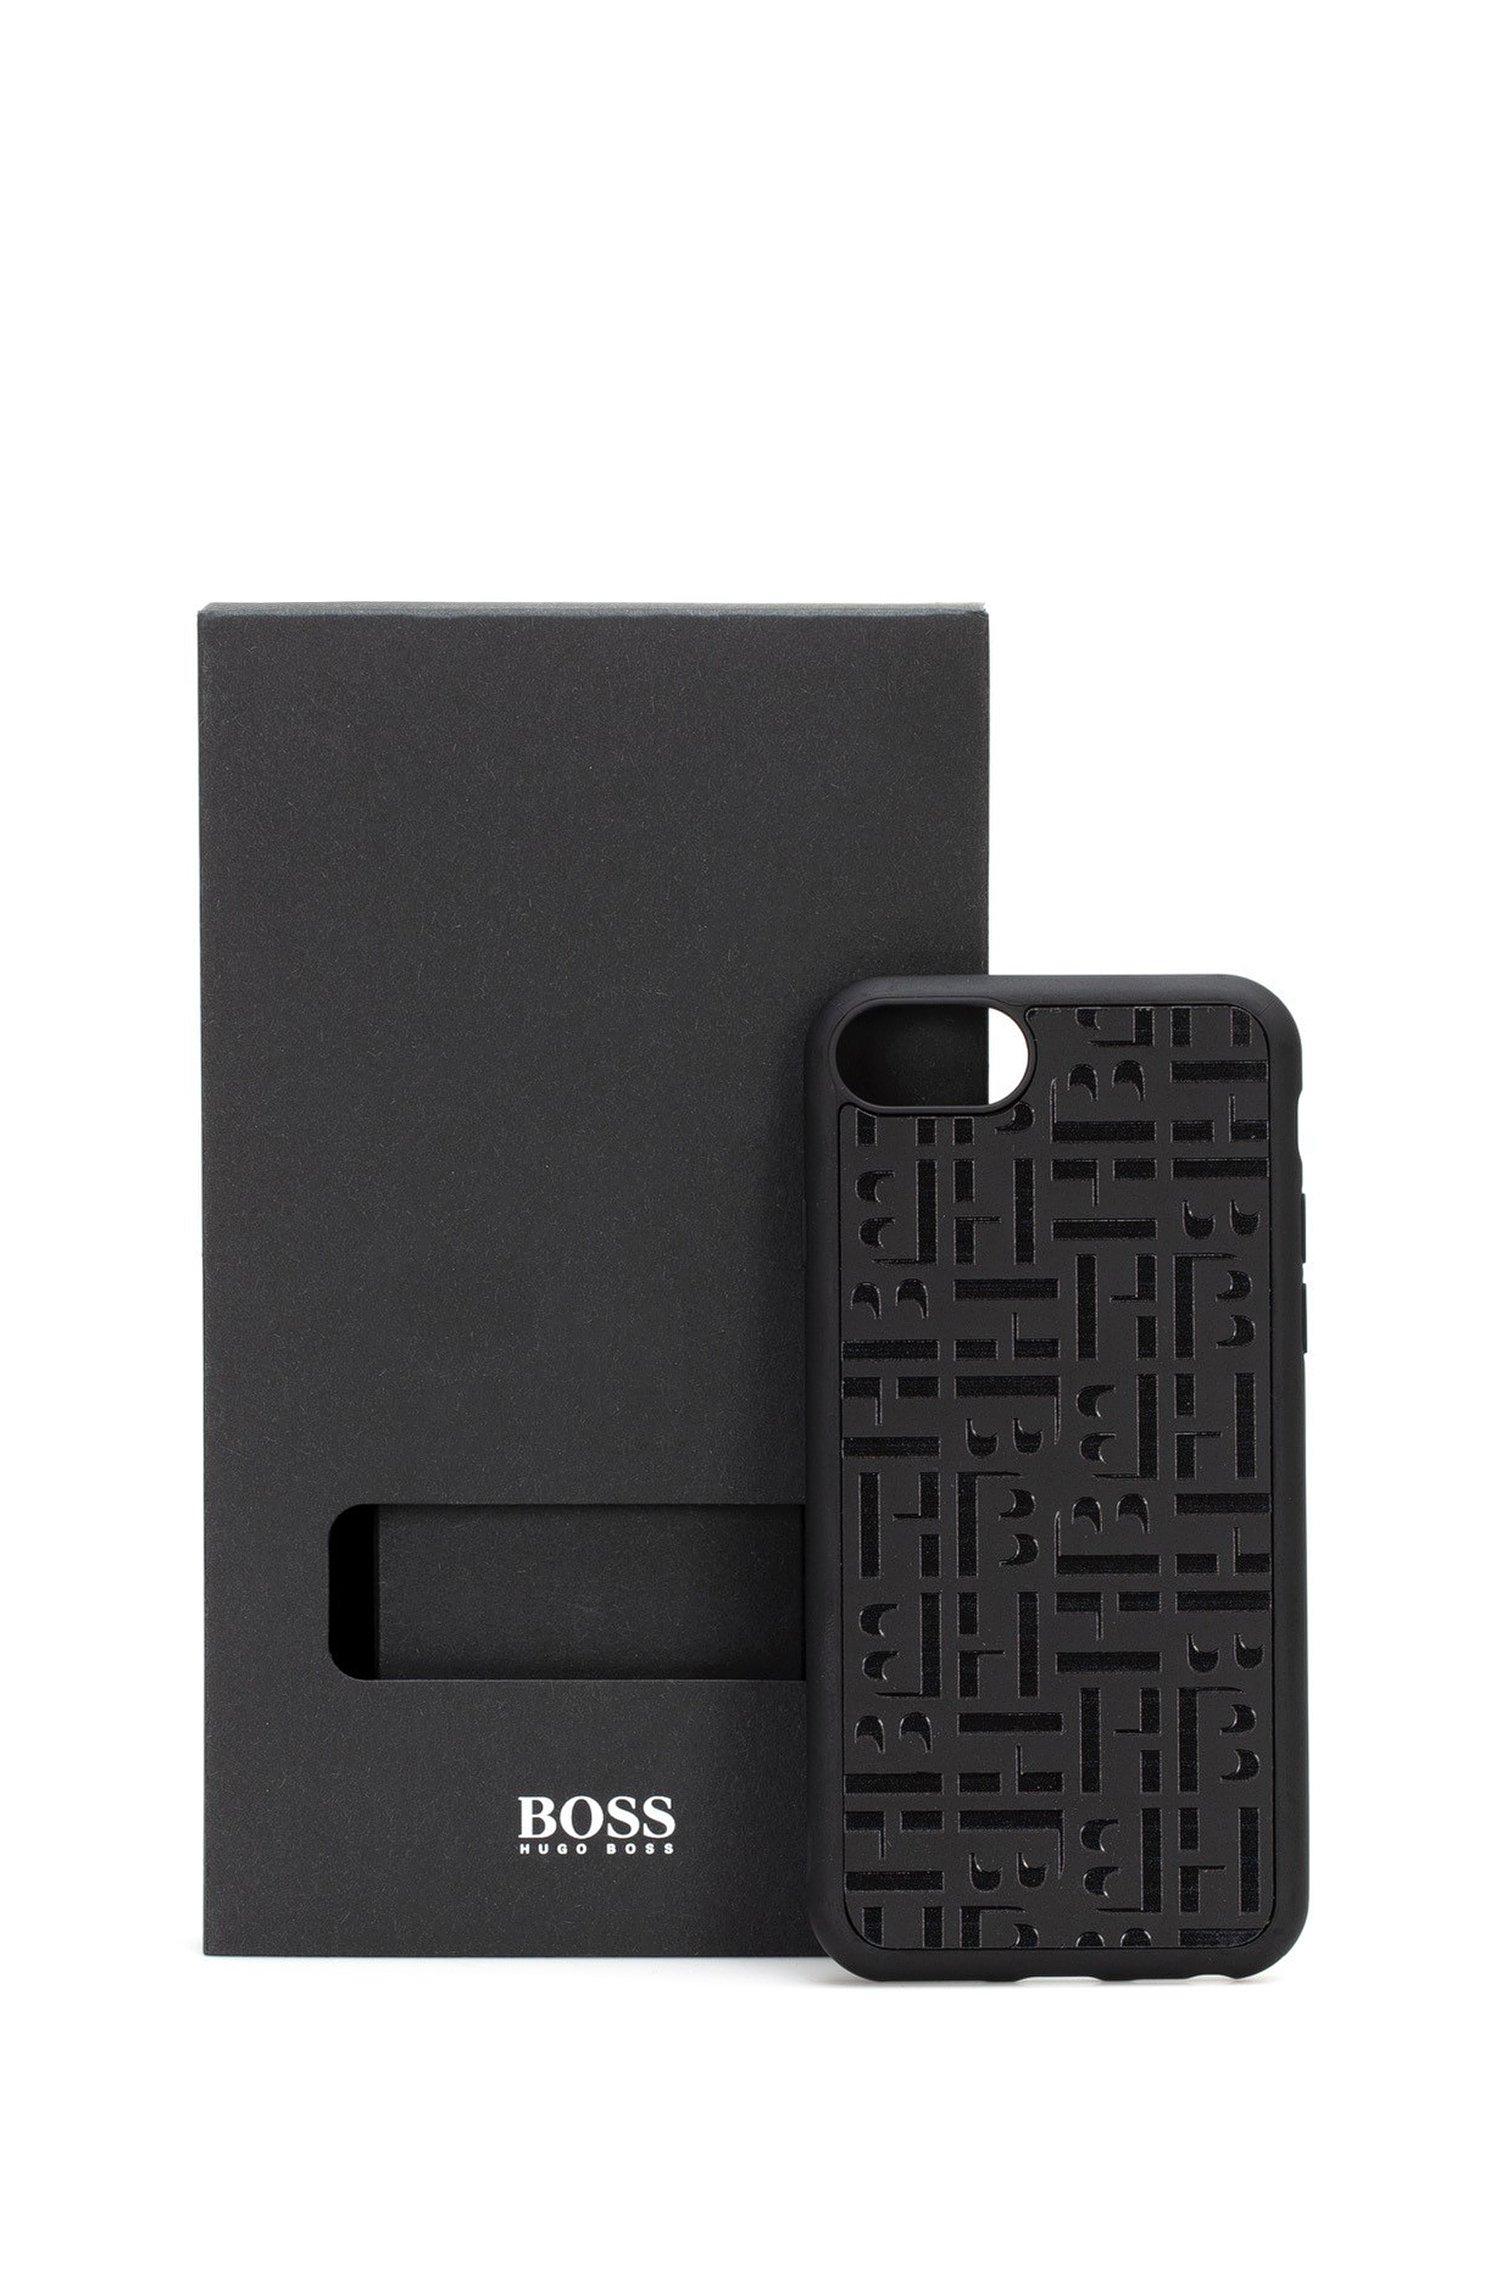 Coque pour iPhone à monogramme embossé, recouverte de cuir italien, Noir